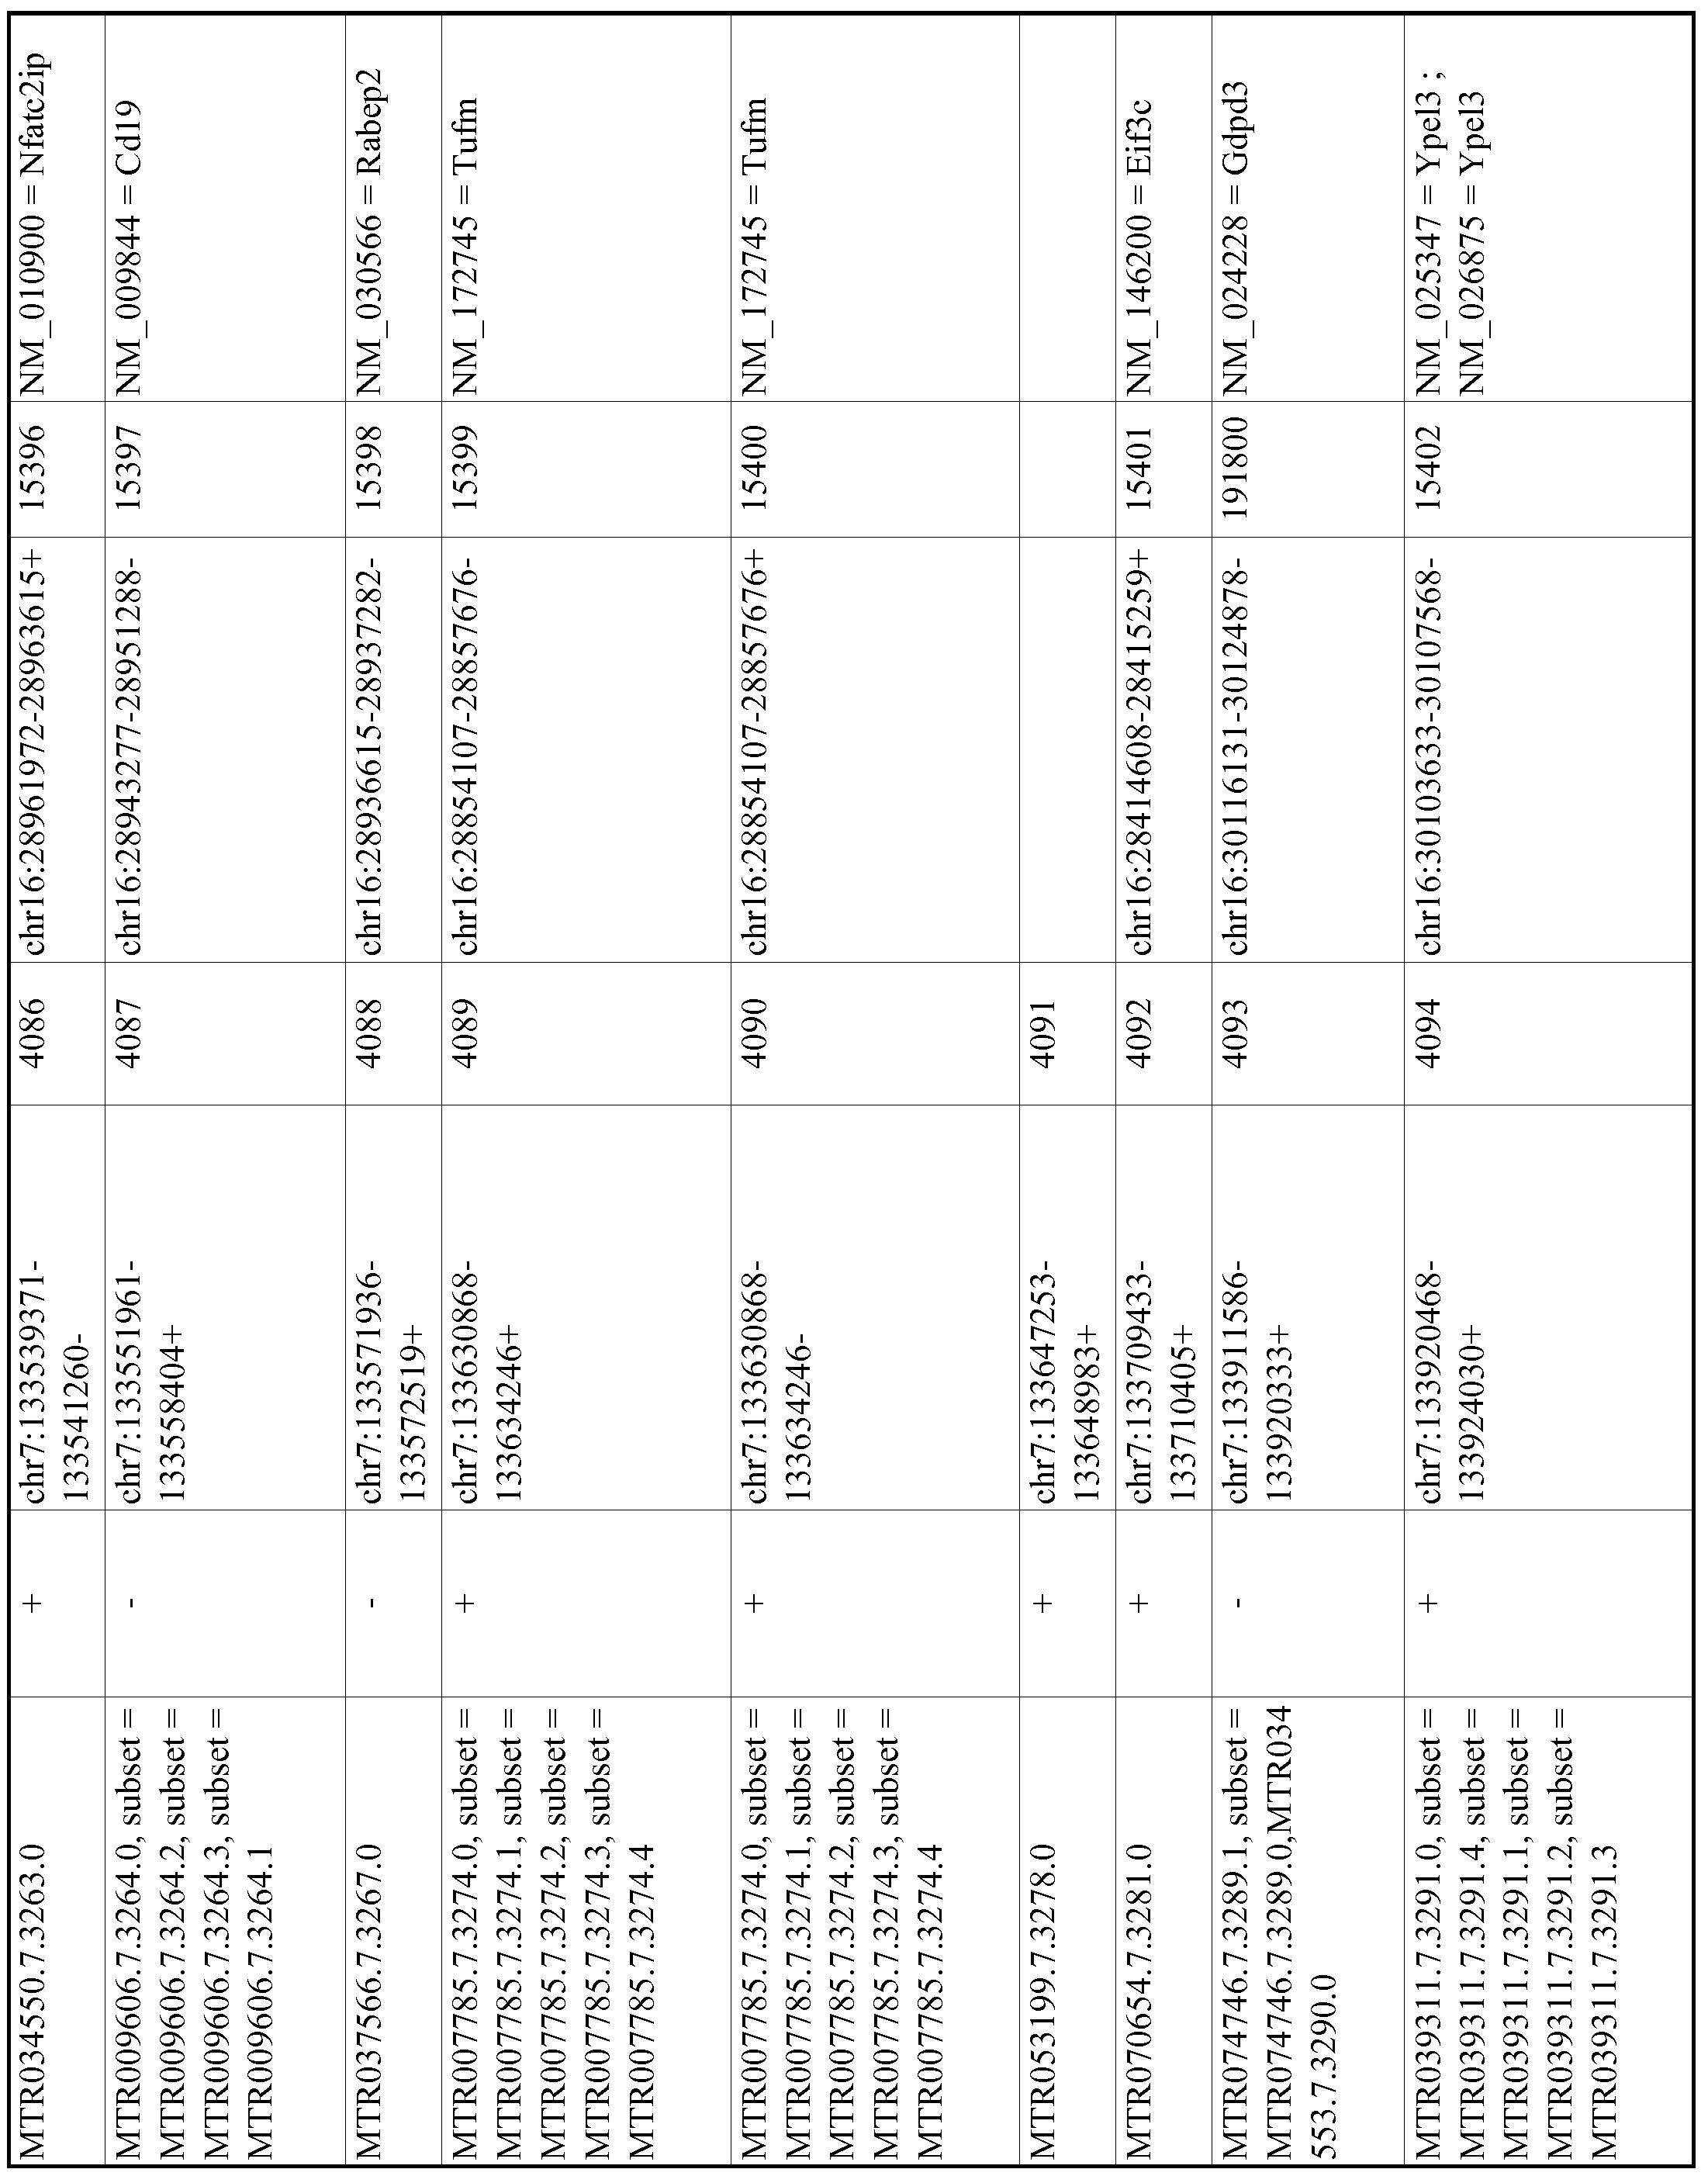 Figure imgf000774_0001